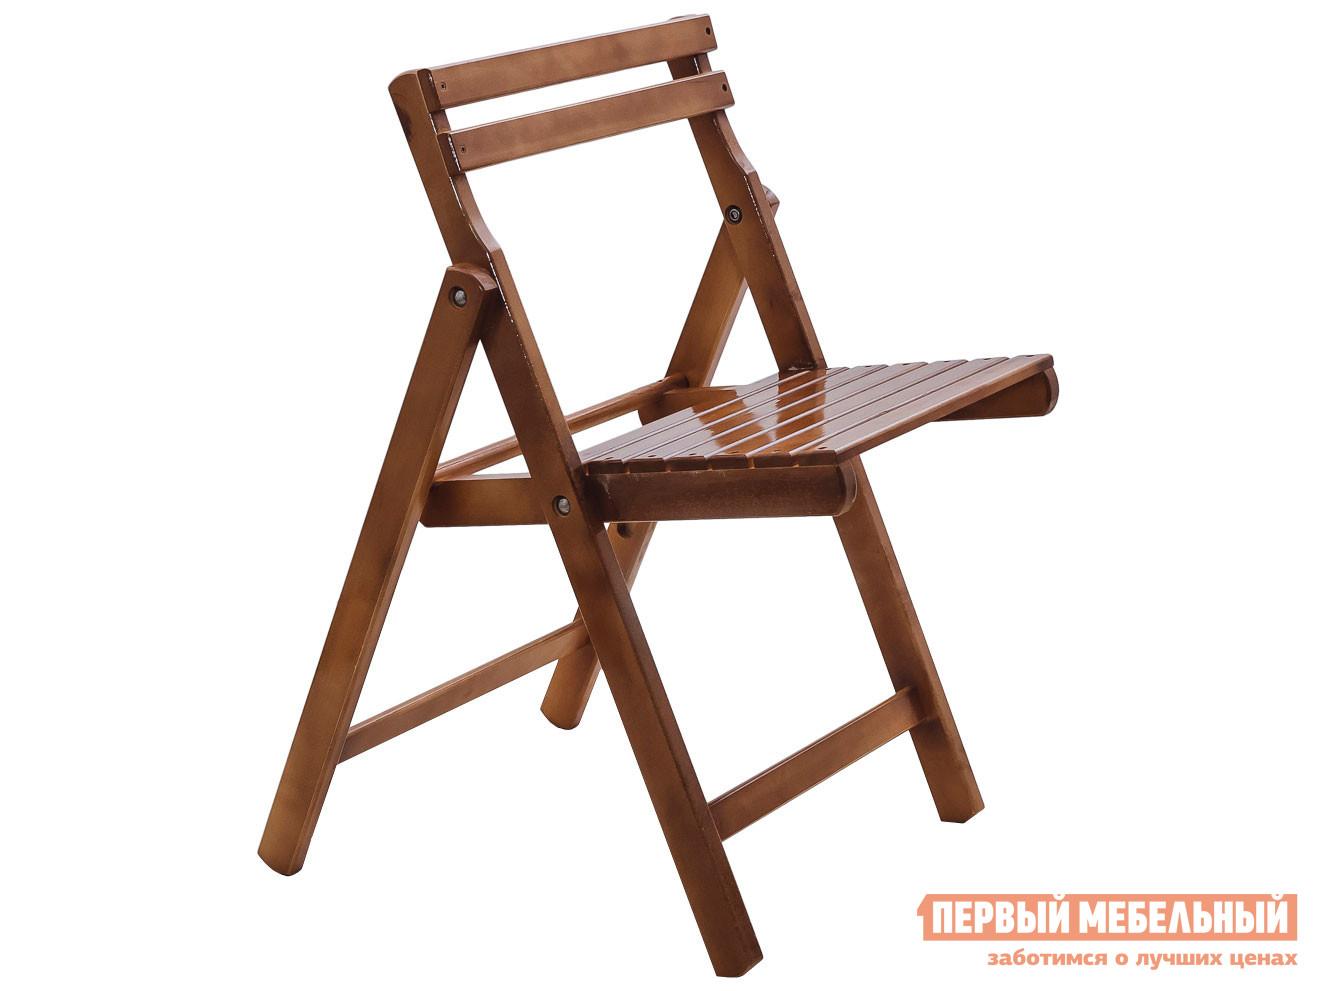 Складной дачный стул Смолянка Дачный СМ046Б